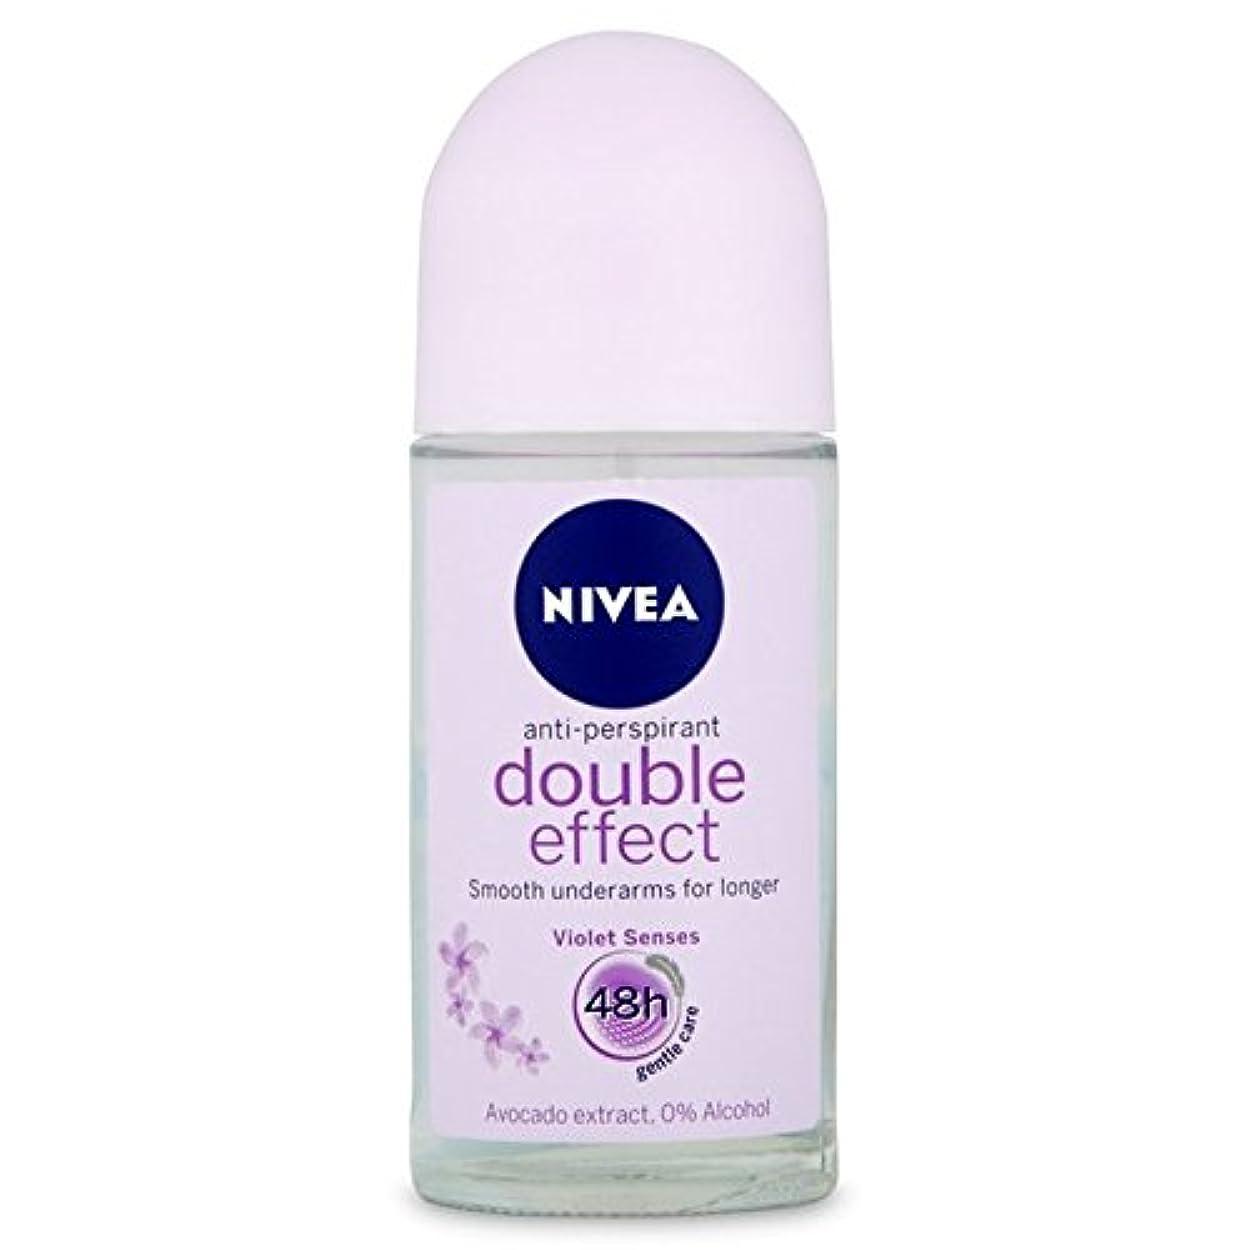 ファウル機械嫉妬Nivea Deo Double Effect Gentle Care Roll On Deodorant 50ml - 消臭50ミリリットルのニベアダブル効果優しくケアロール [並行輸入品]